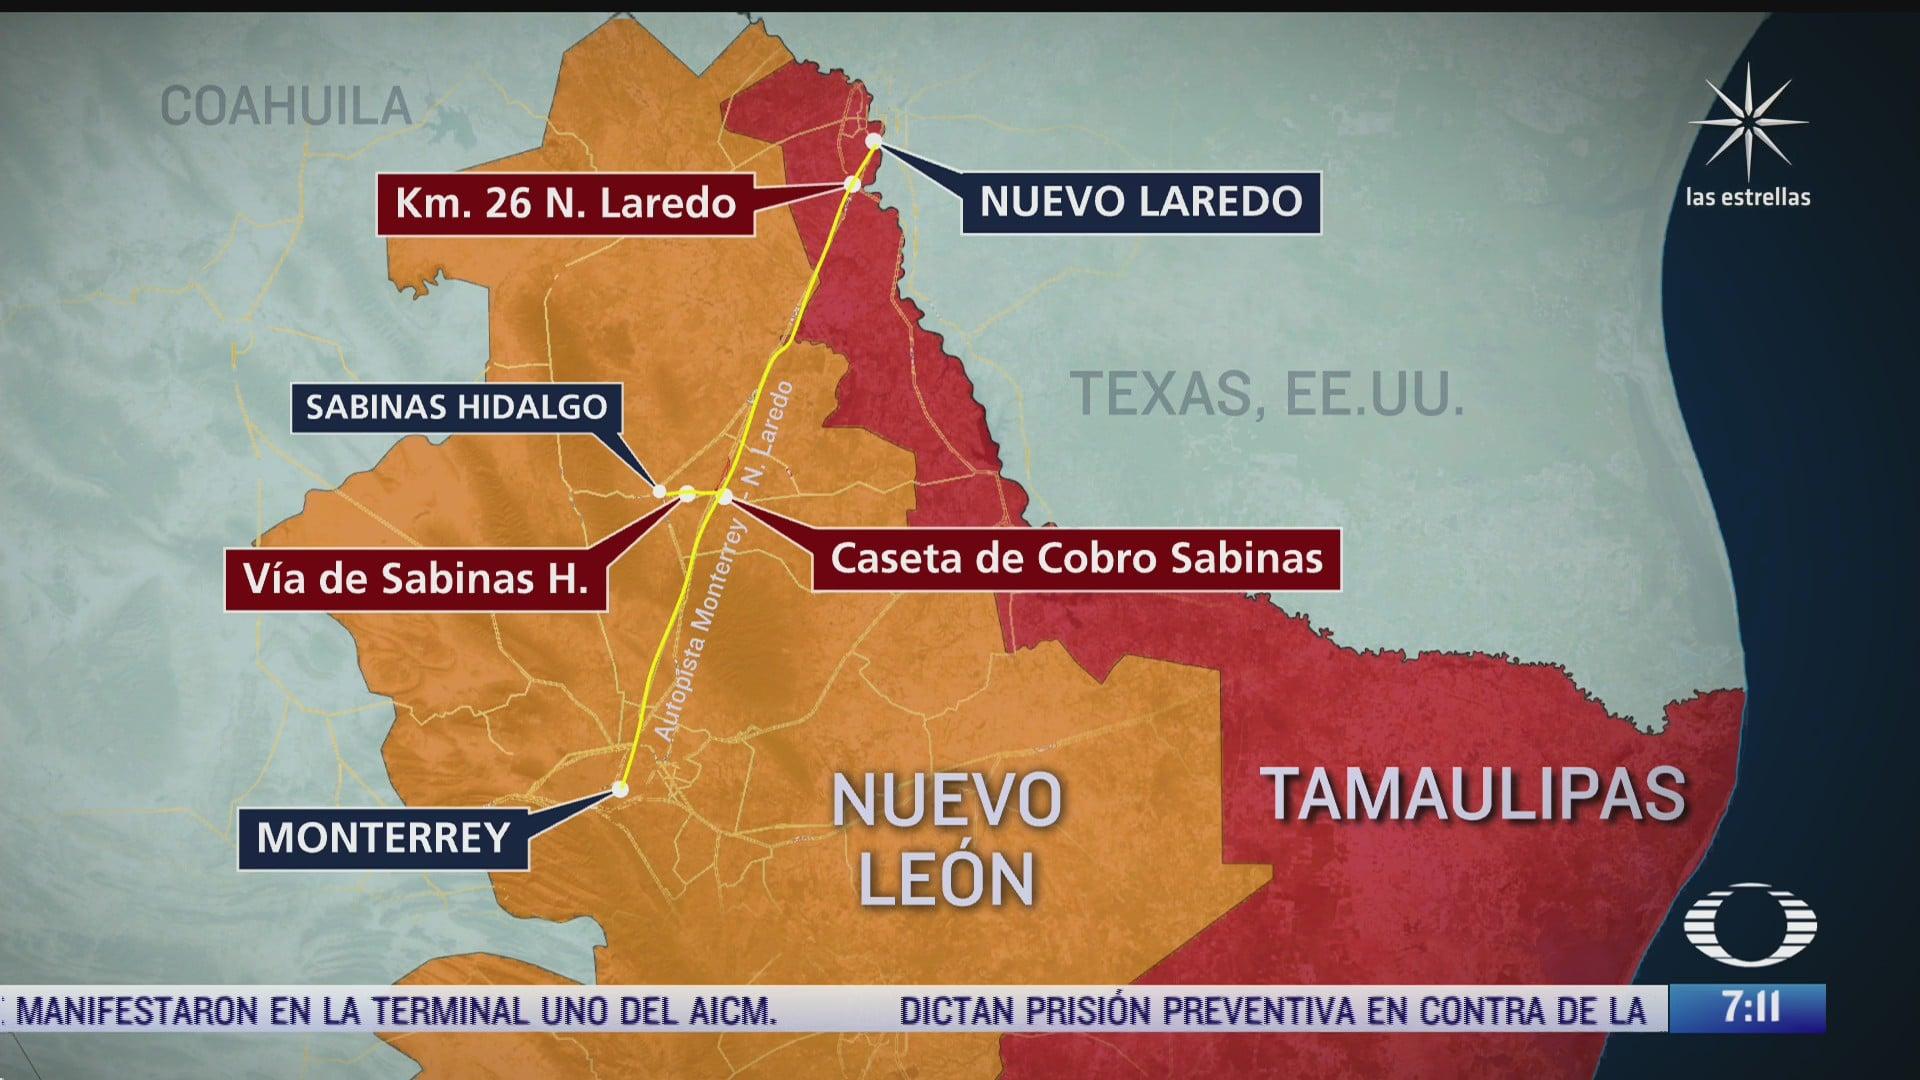 identifican tres puntos donde han ocurrido desapariciones en carretera monterrey nuevo laredo